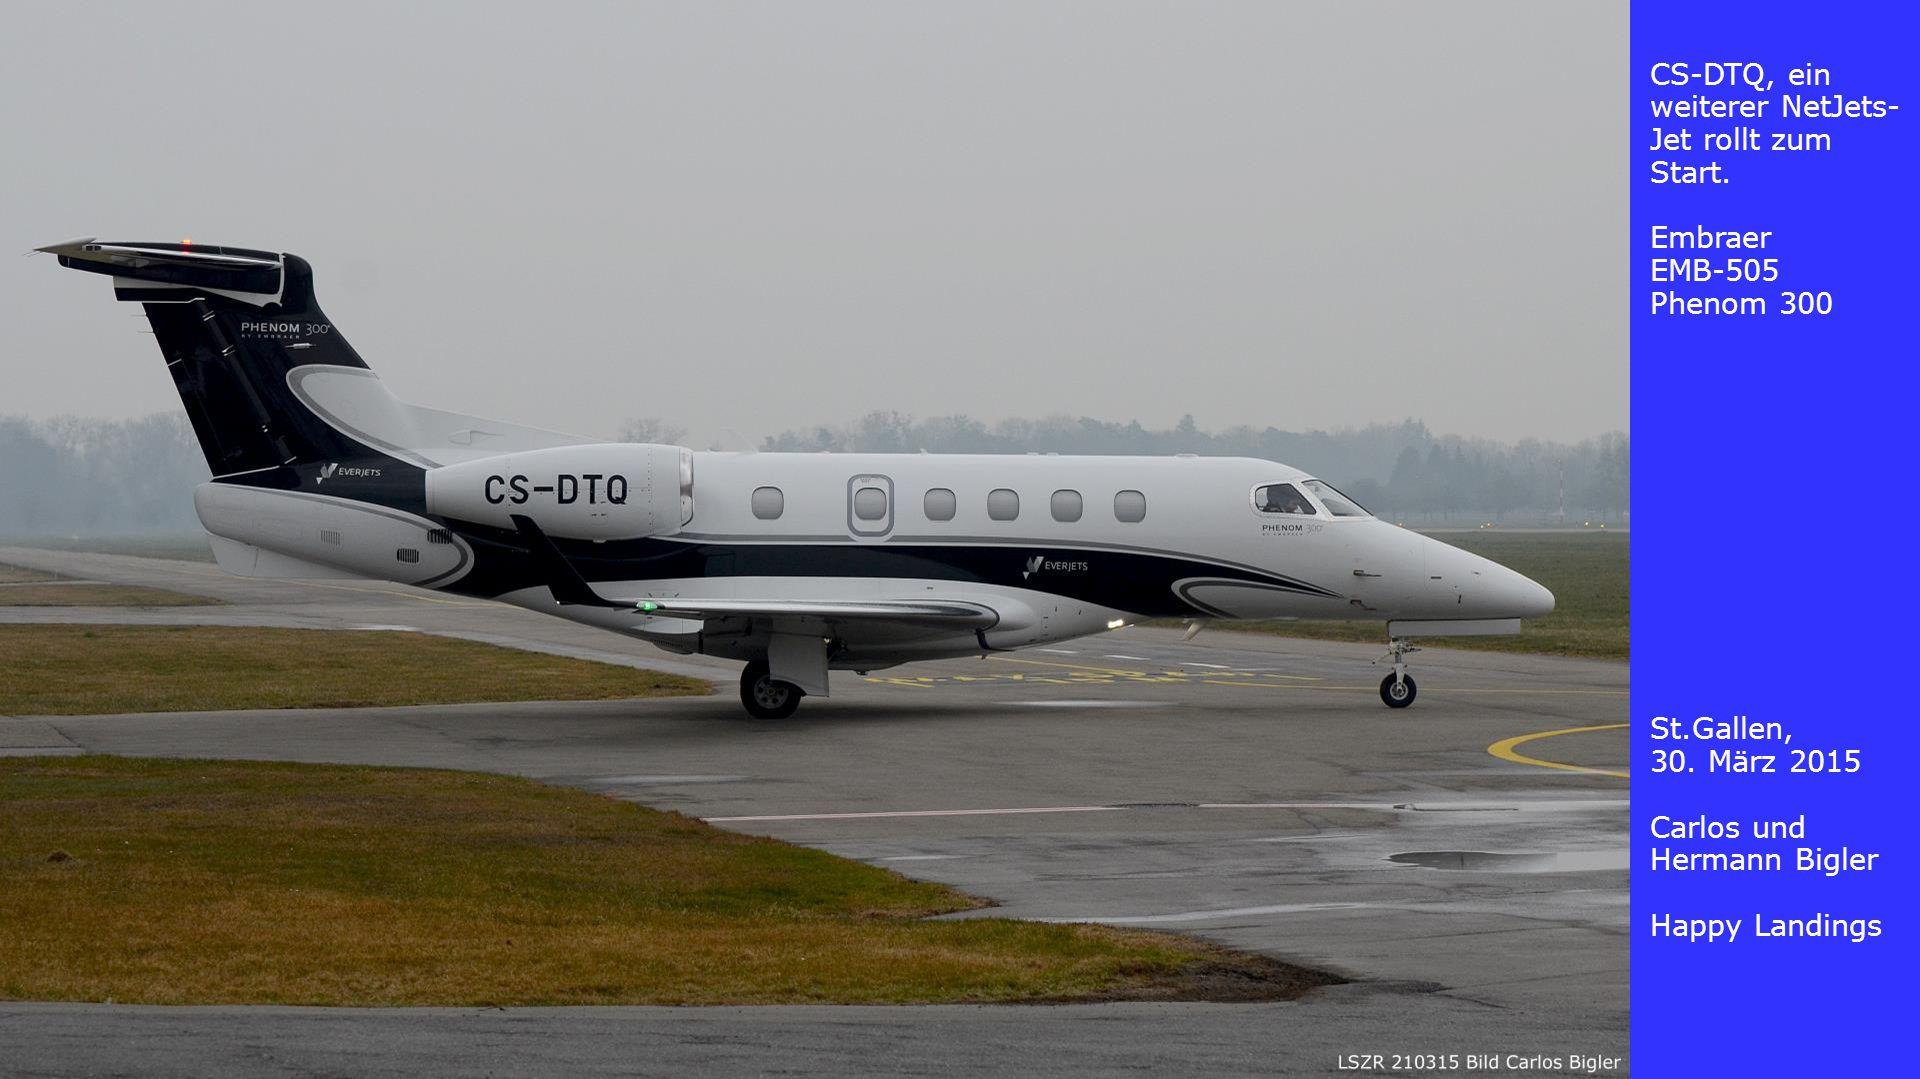 CS-DTQ, ein weiterer NetJets- Jet rollt zum Start. Embraer EMB-505 Phenom 300 St.Gallen, 30. März 2015 Carlos und Hermann Bigler Happy Landings